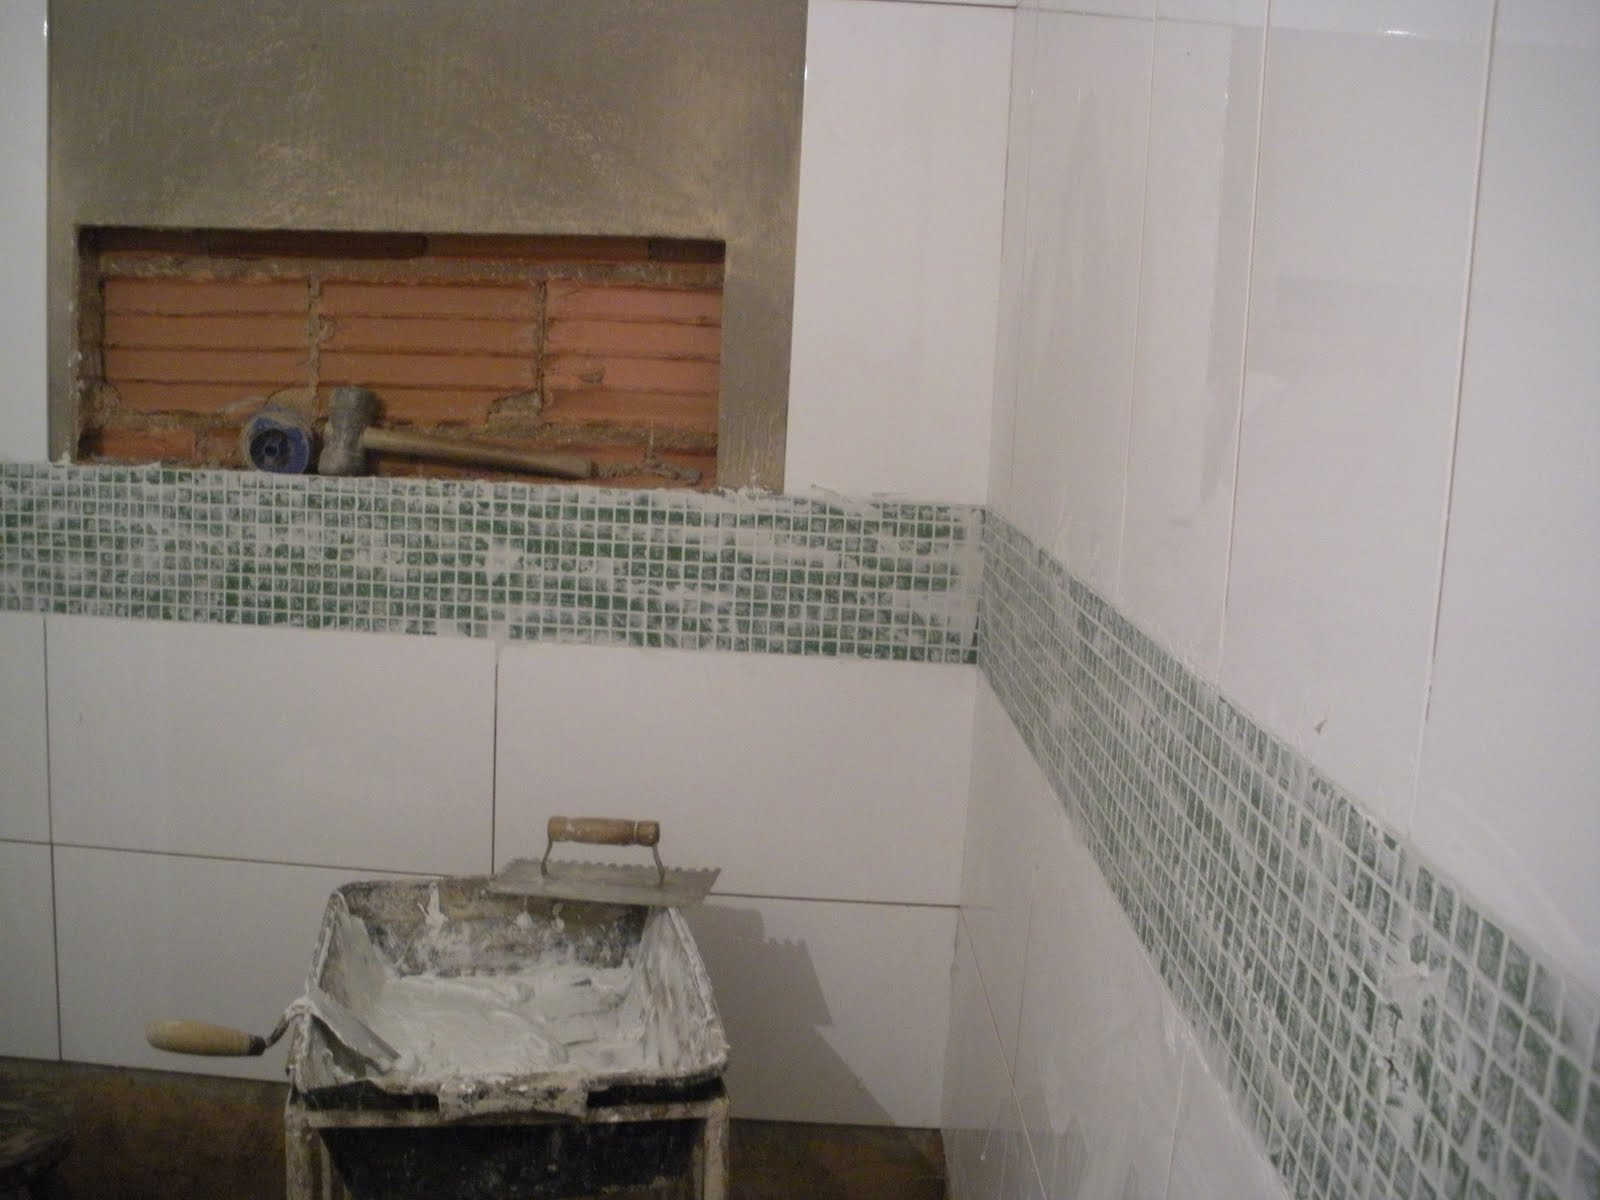 Gleide casa nova: BANHEIRO COM PASTILHA VERDE!! #694933 1600x1200 Banheiro Com Pastilhas Verde Agua